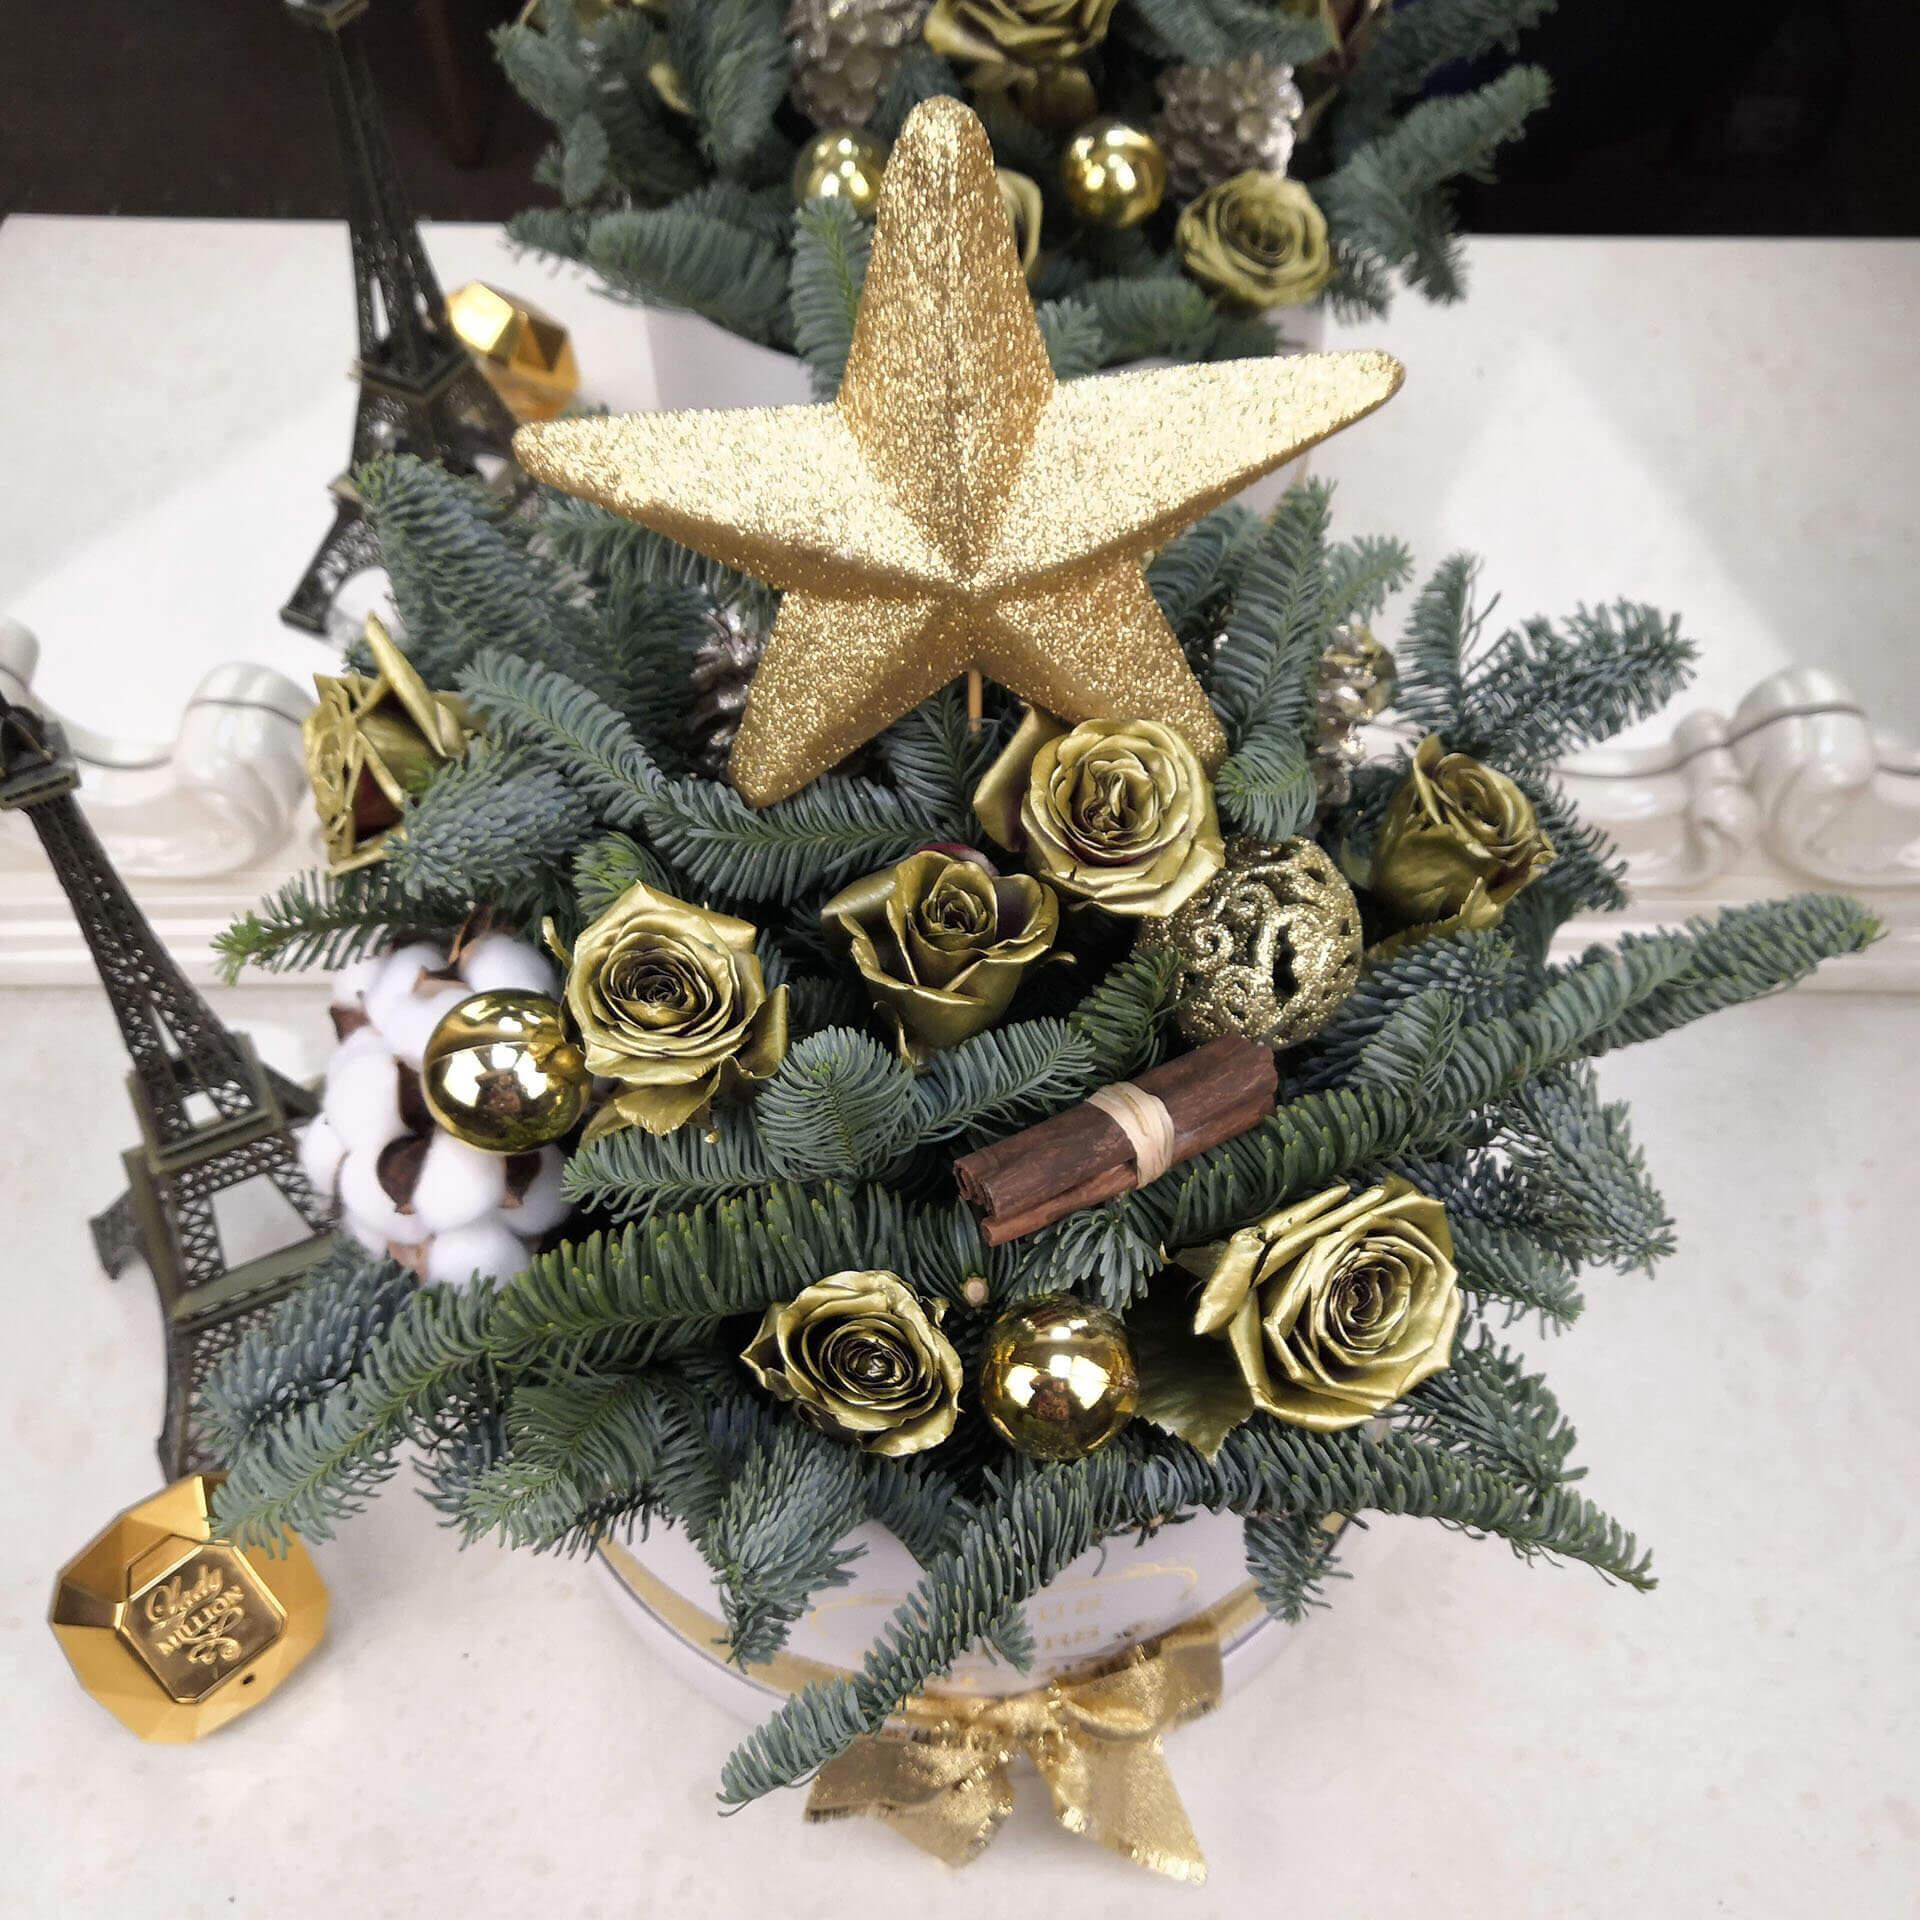 Подарок из Елки на новый год Новый год Золотые